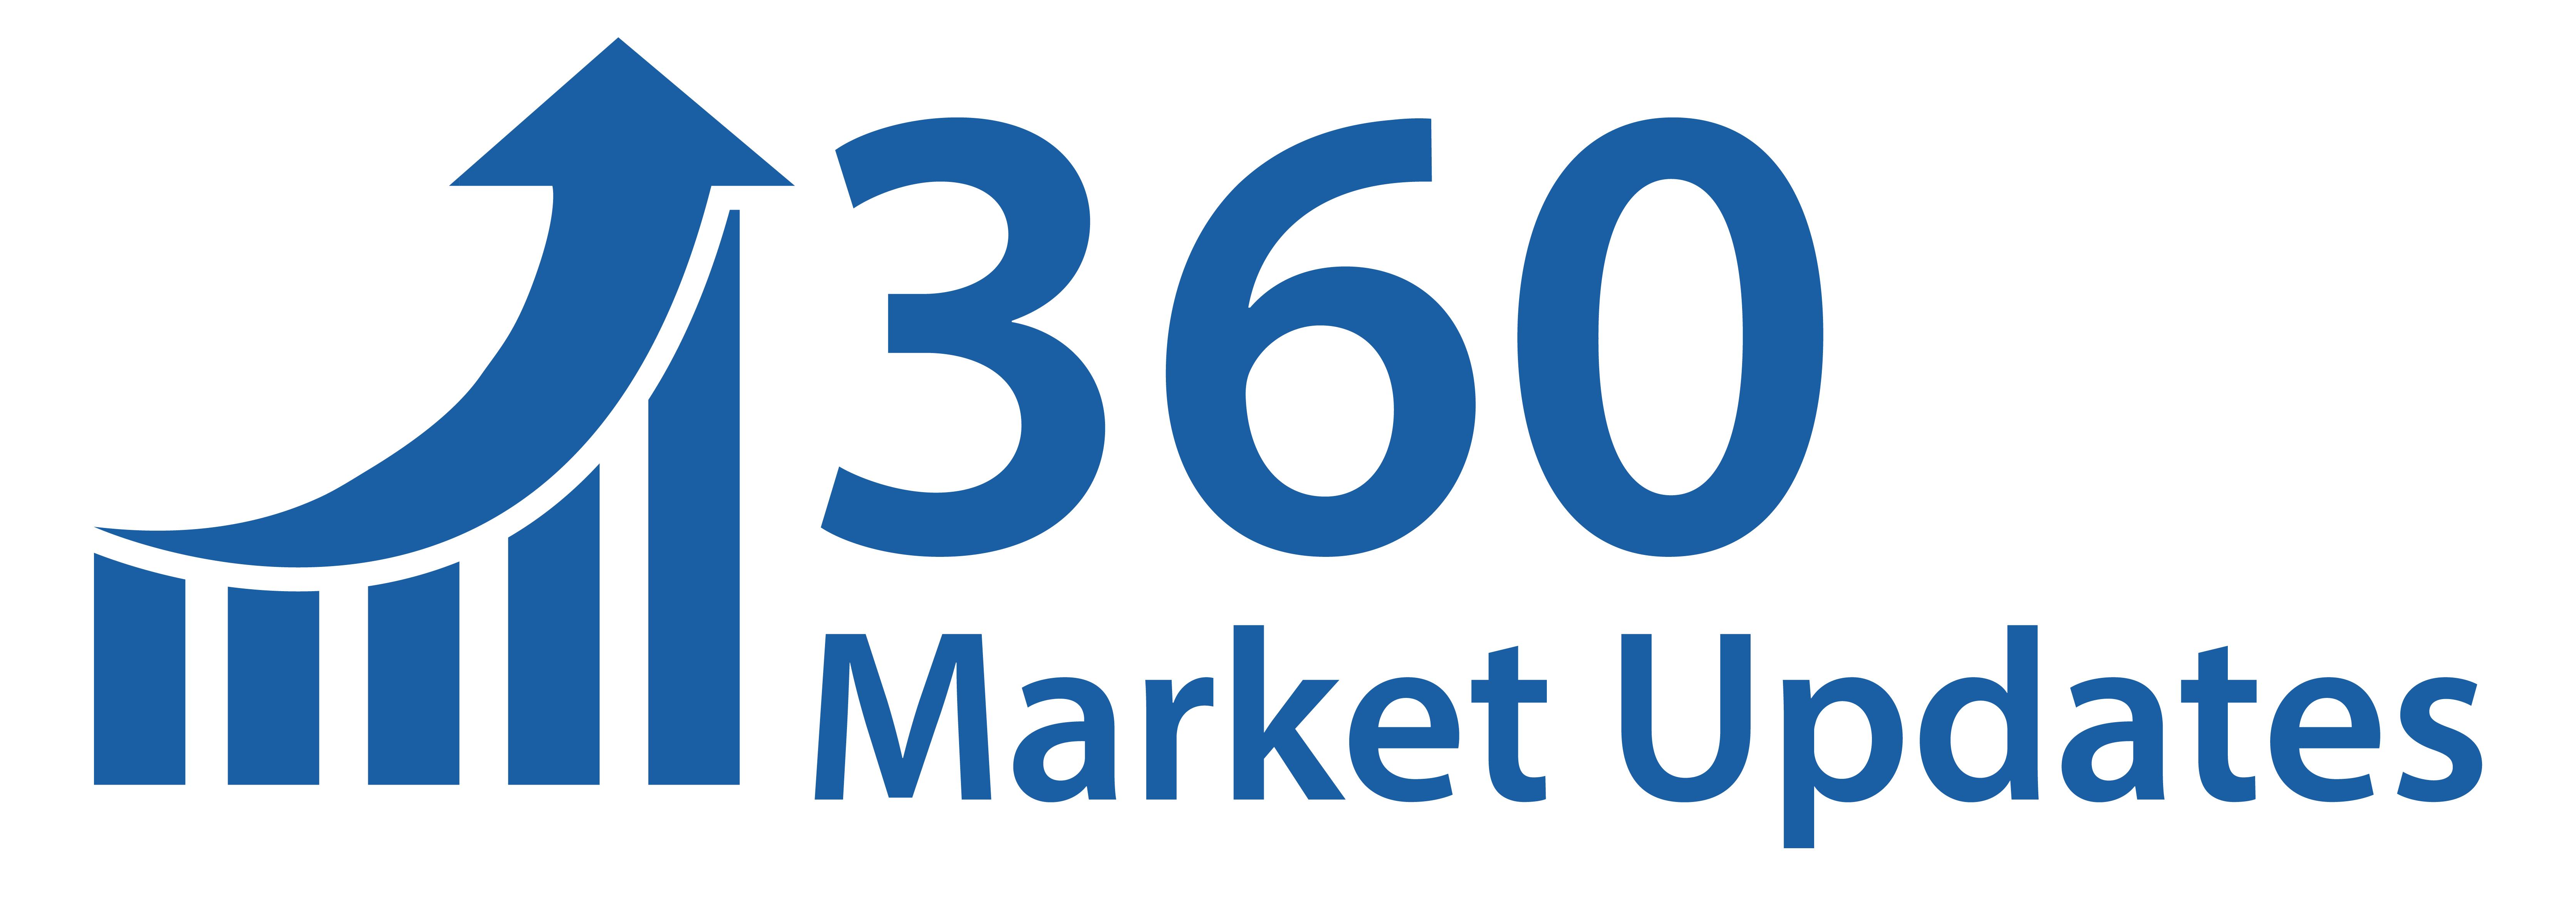 Solketal (CAS 100-79-8) Markt 2020 - Branchennachfrage, Anteil, Größe, Zukunftstrends, Wachstumschancen, Hauptakteure, Anwendung, Nachfrage, Branchenforschungsbericht nach regionaler Prognose bis 2024